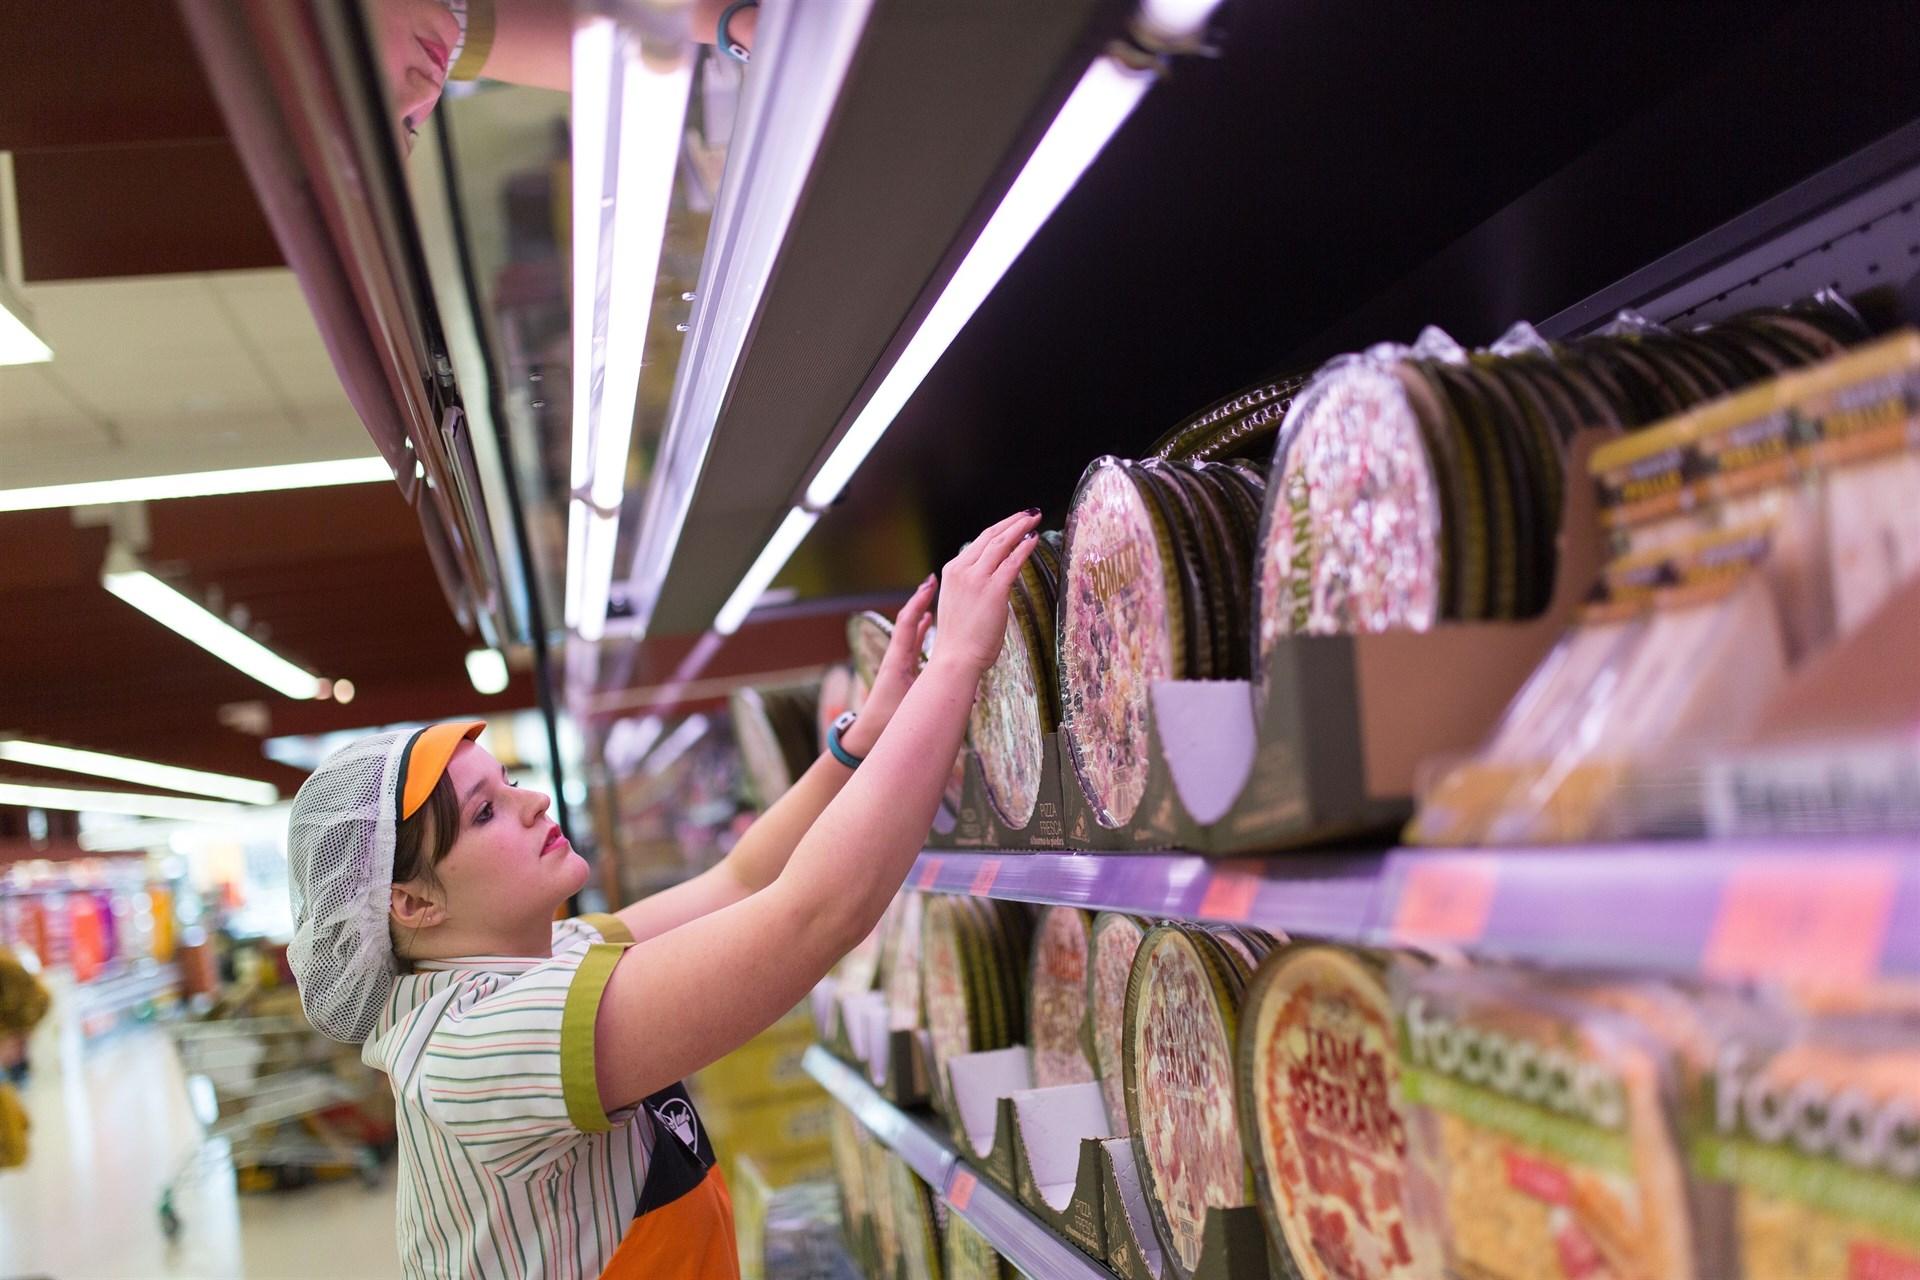 Mercadona refuerza su liderazgo en España ante el empuje de Lidl y de los supermercados regionales